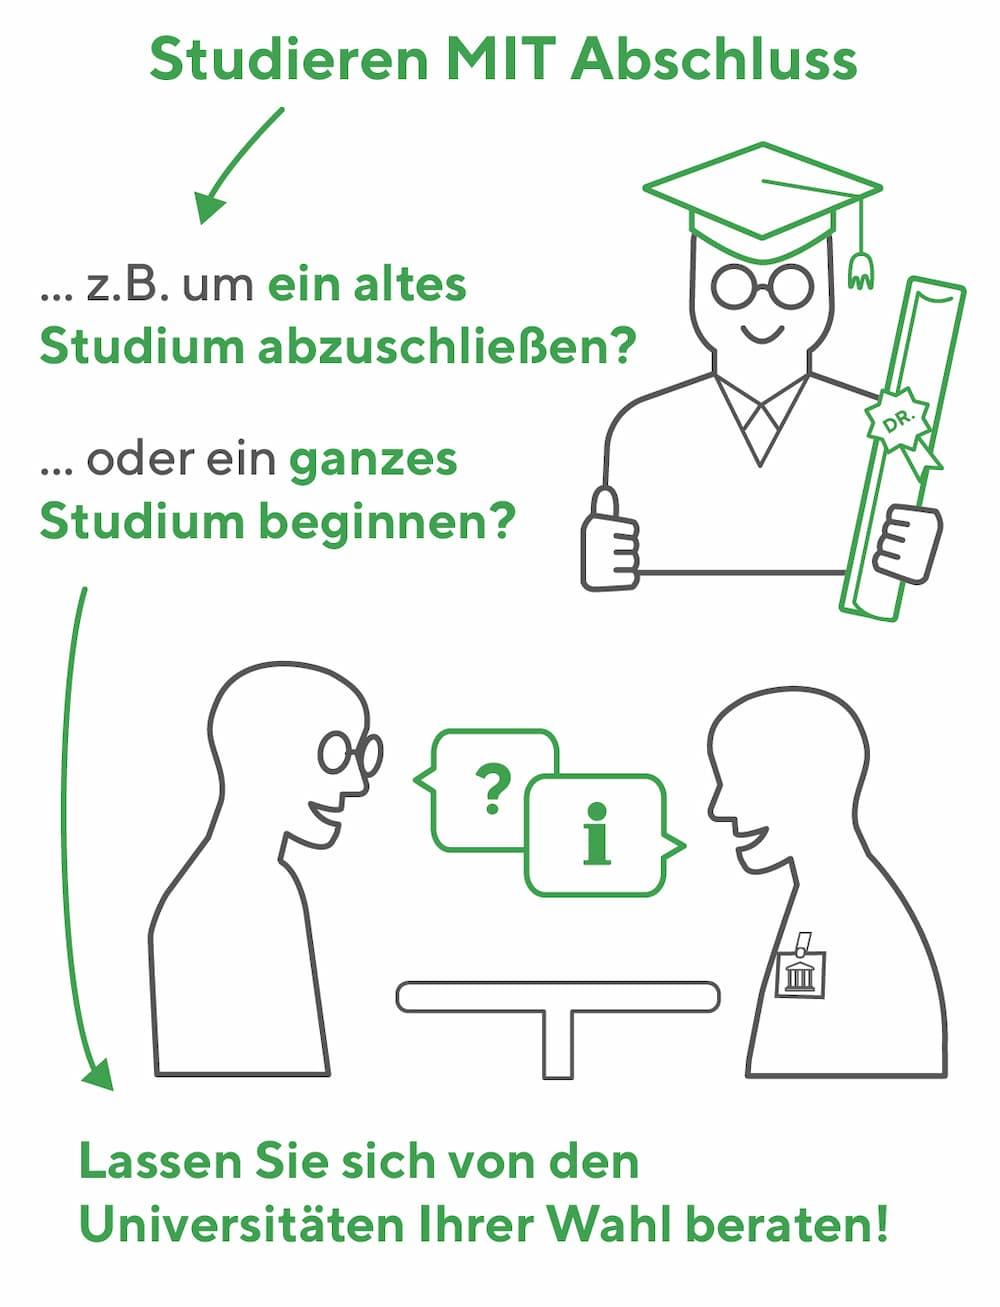 Auch möglich: Studieren mit Abschluss